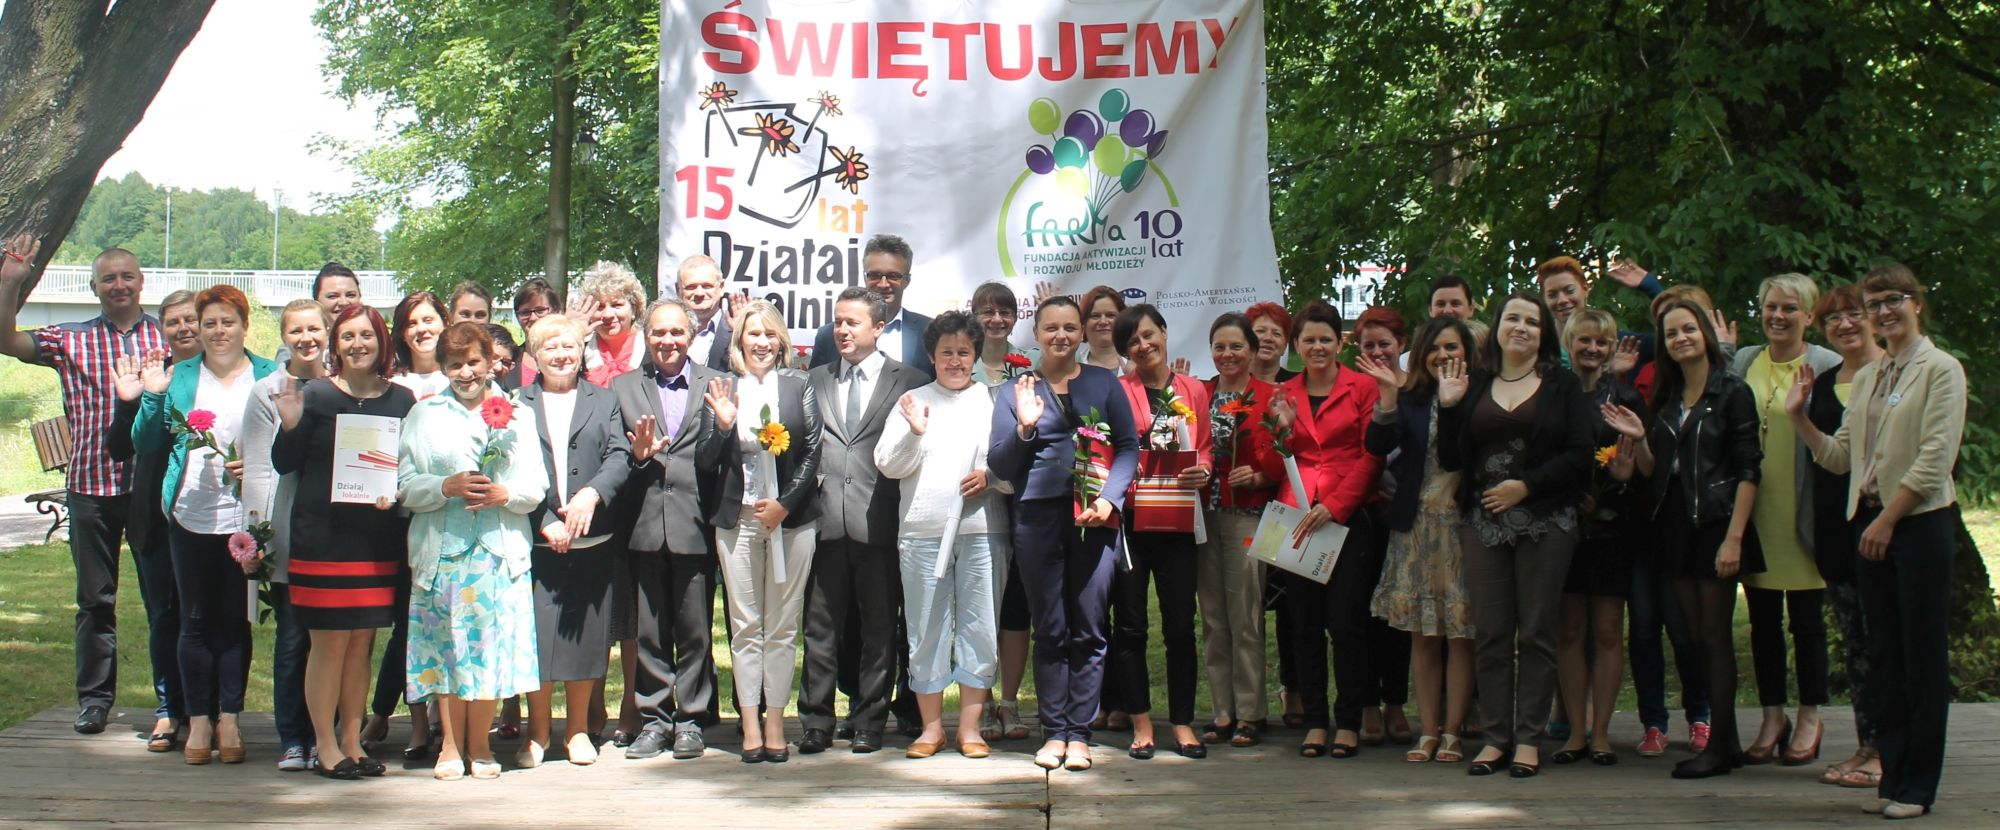 Inauguracja-Programu-Działaj-Lokalnie-w-Staszowie-20.06.2015-r.-e1444739387359